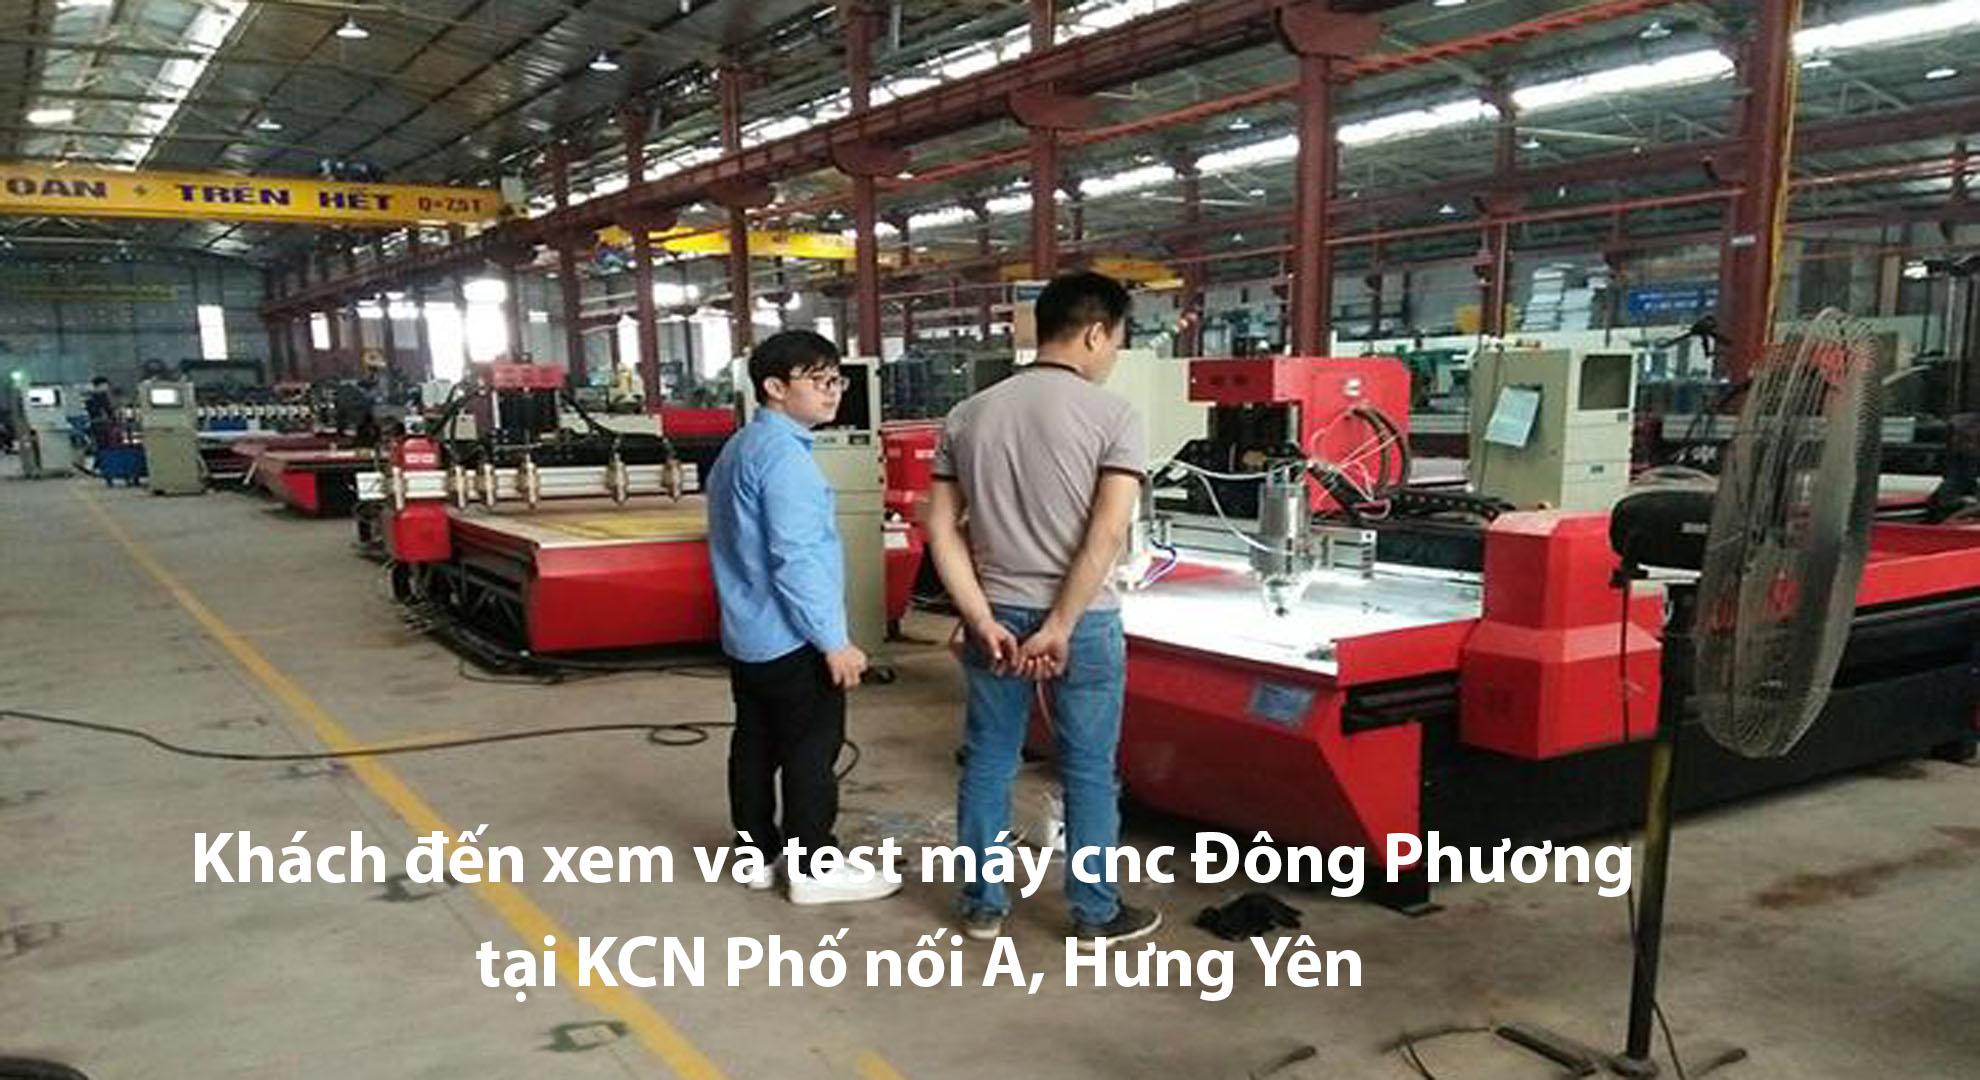 4-tieu-chi-danh-gia-lua-chon-don-vi-cung-cap-may-khac-cnc-uy-tin-chat-luong (3).jpg